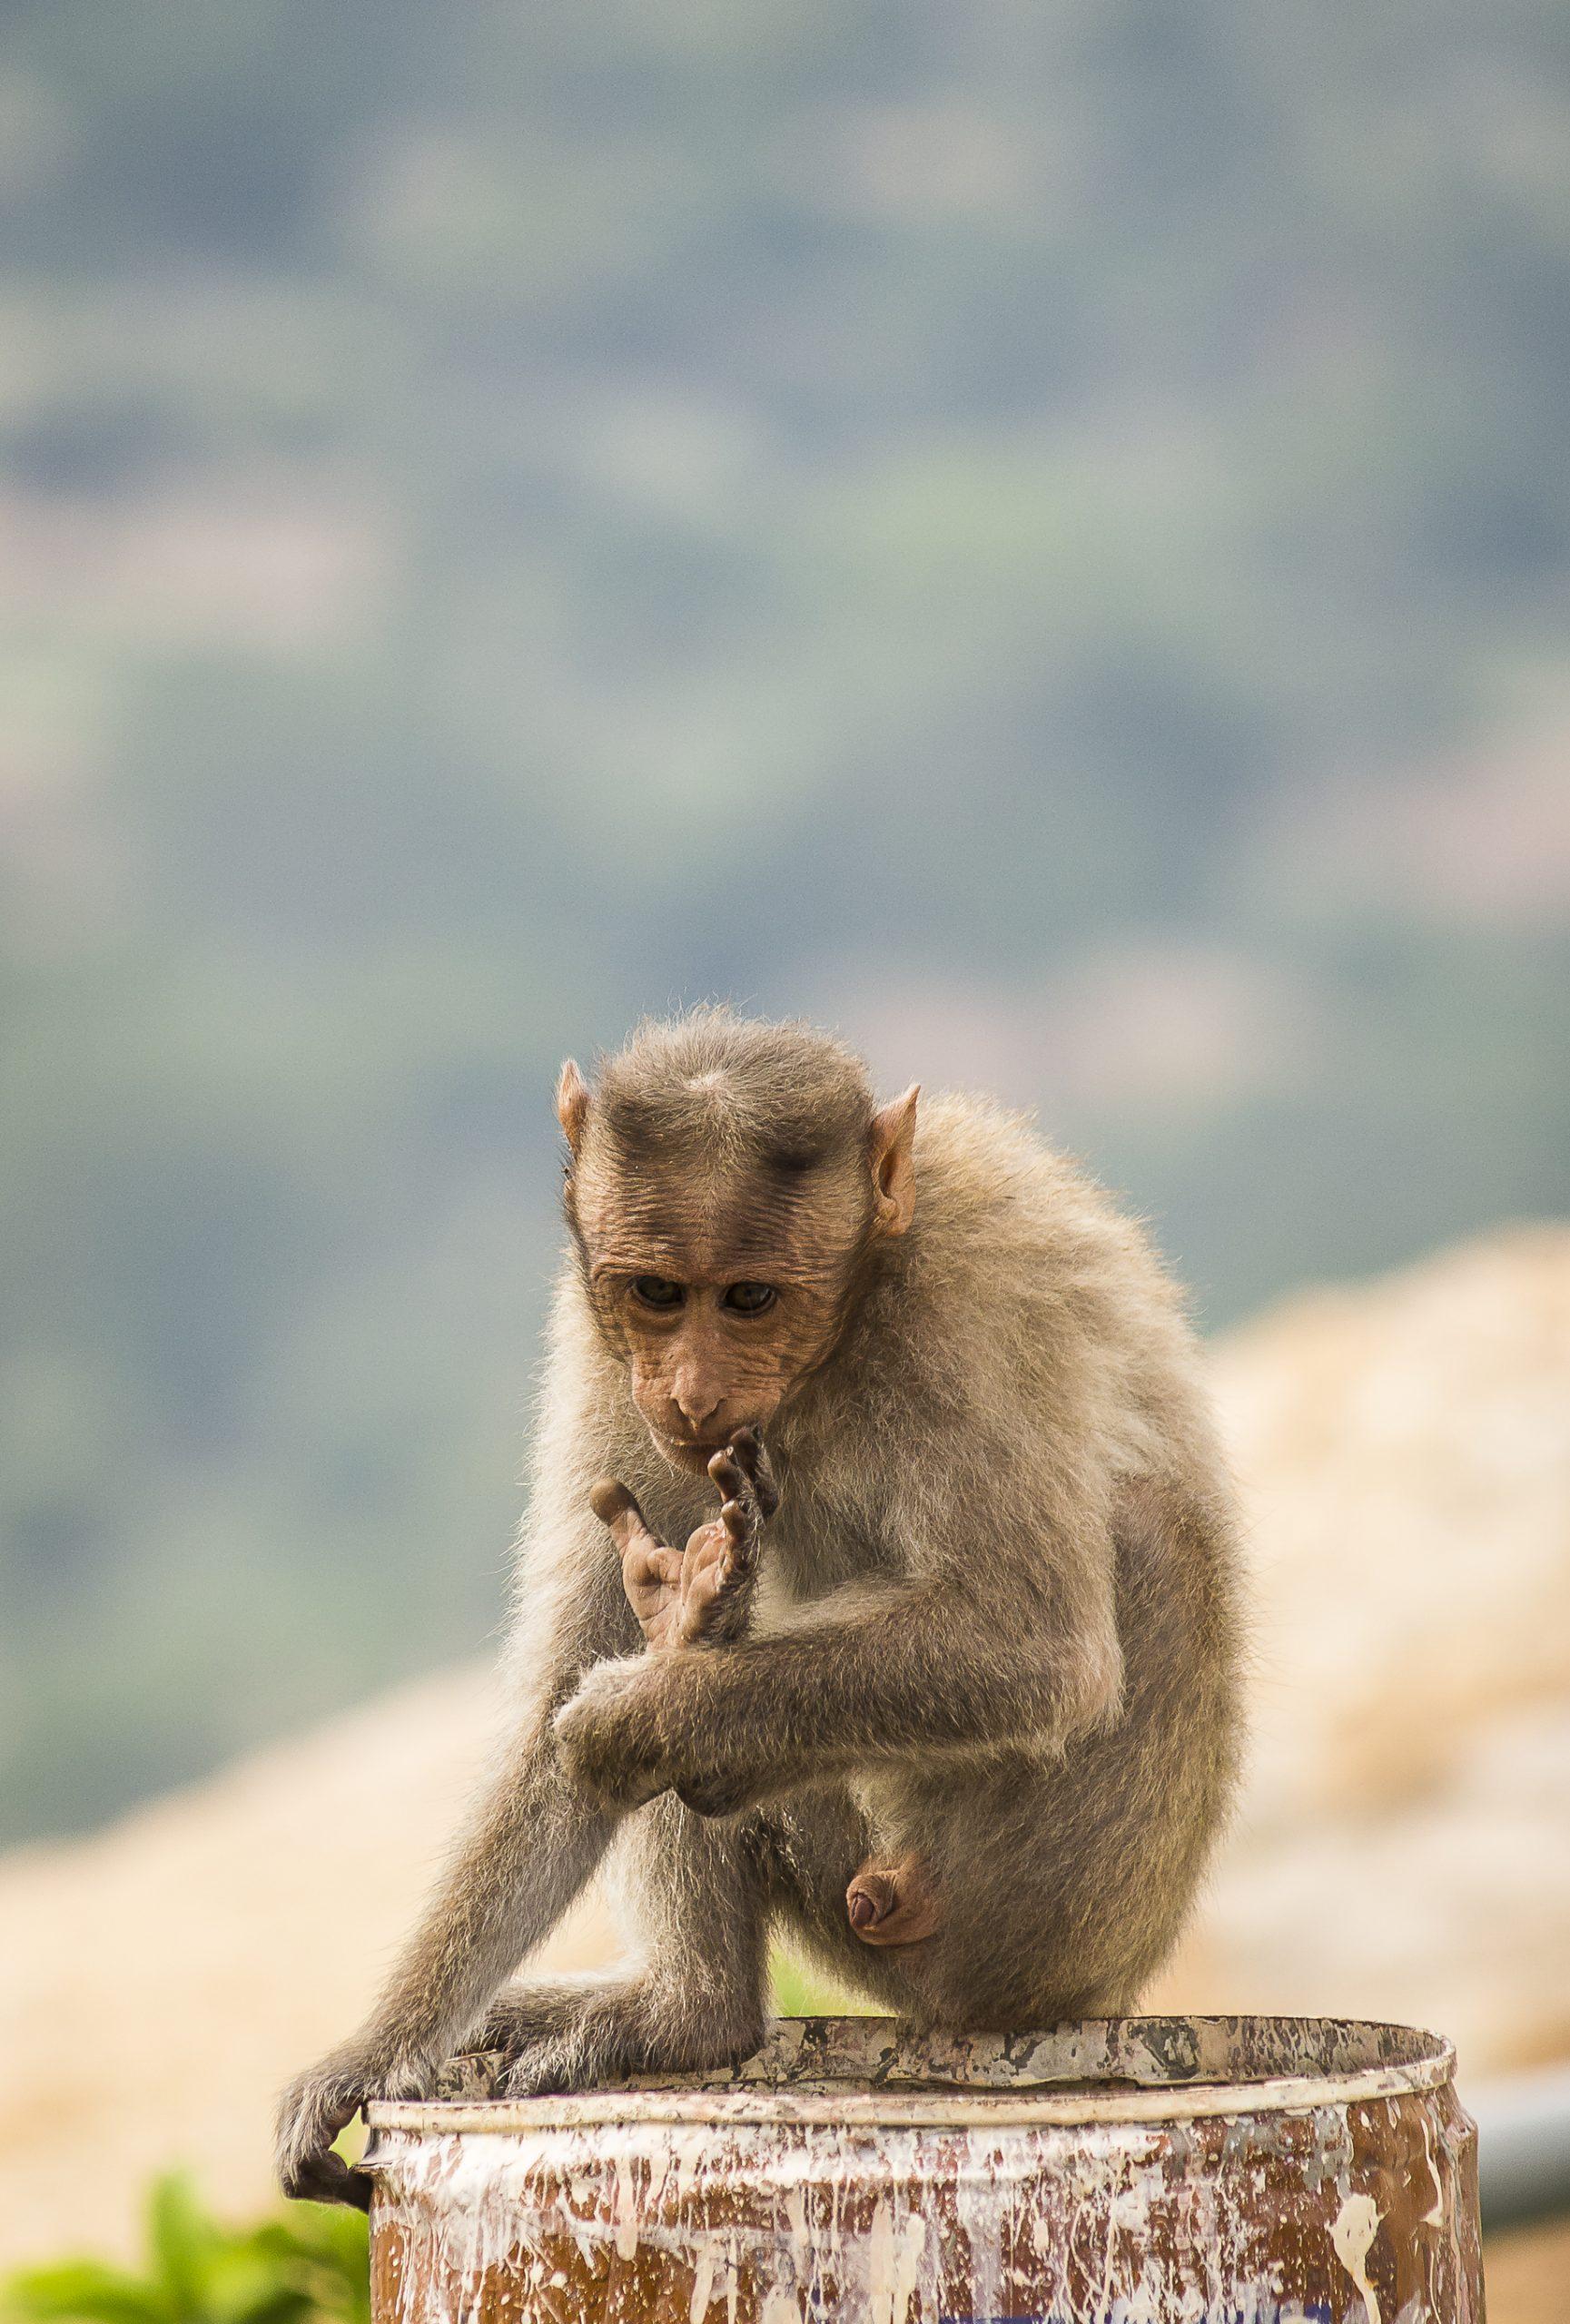 Portrait of a Bonnet macaque Monkey